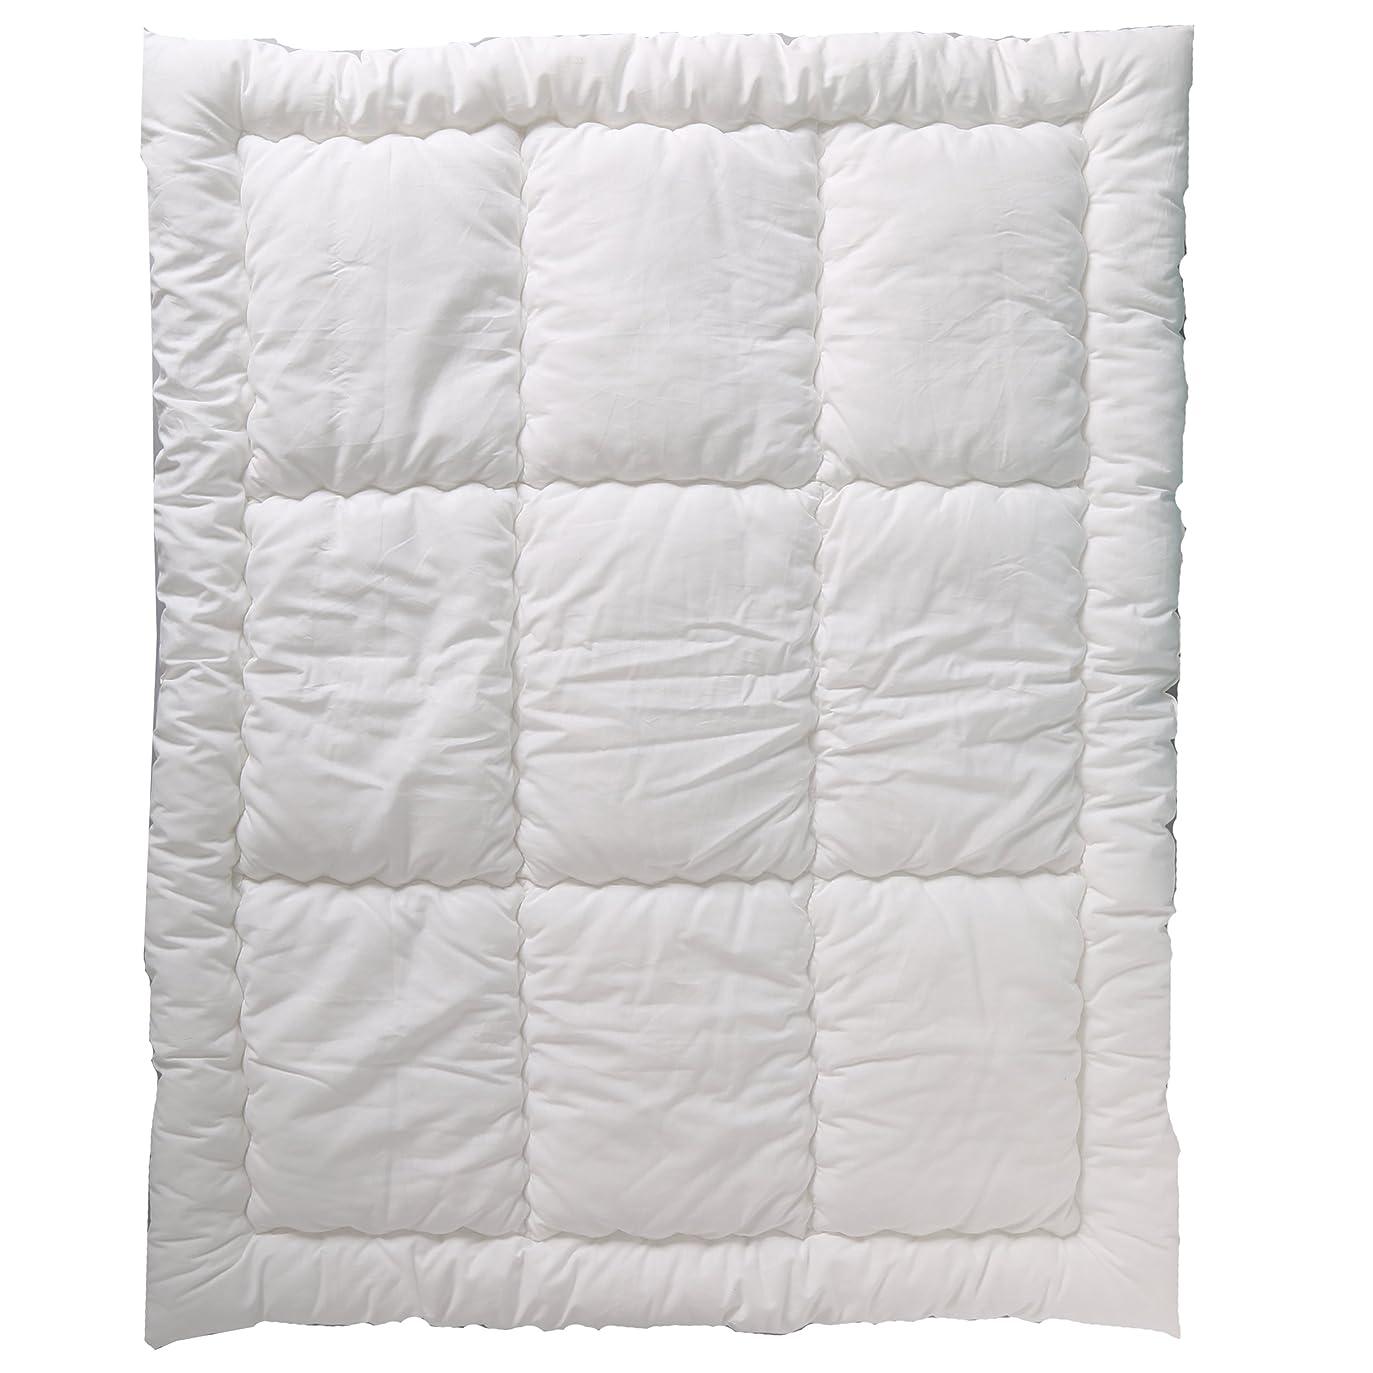 日没チョコレート最近6歳までの寝具図鑑 こどものふとん 丸洗い掛け布団 ベビーミニサイズ 75×95cm 白